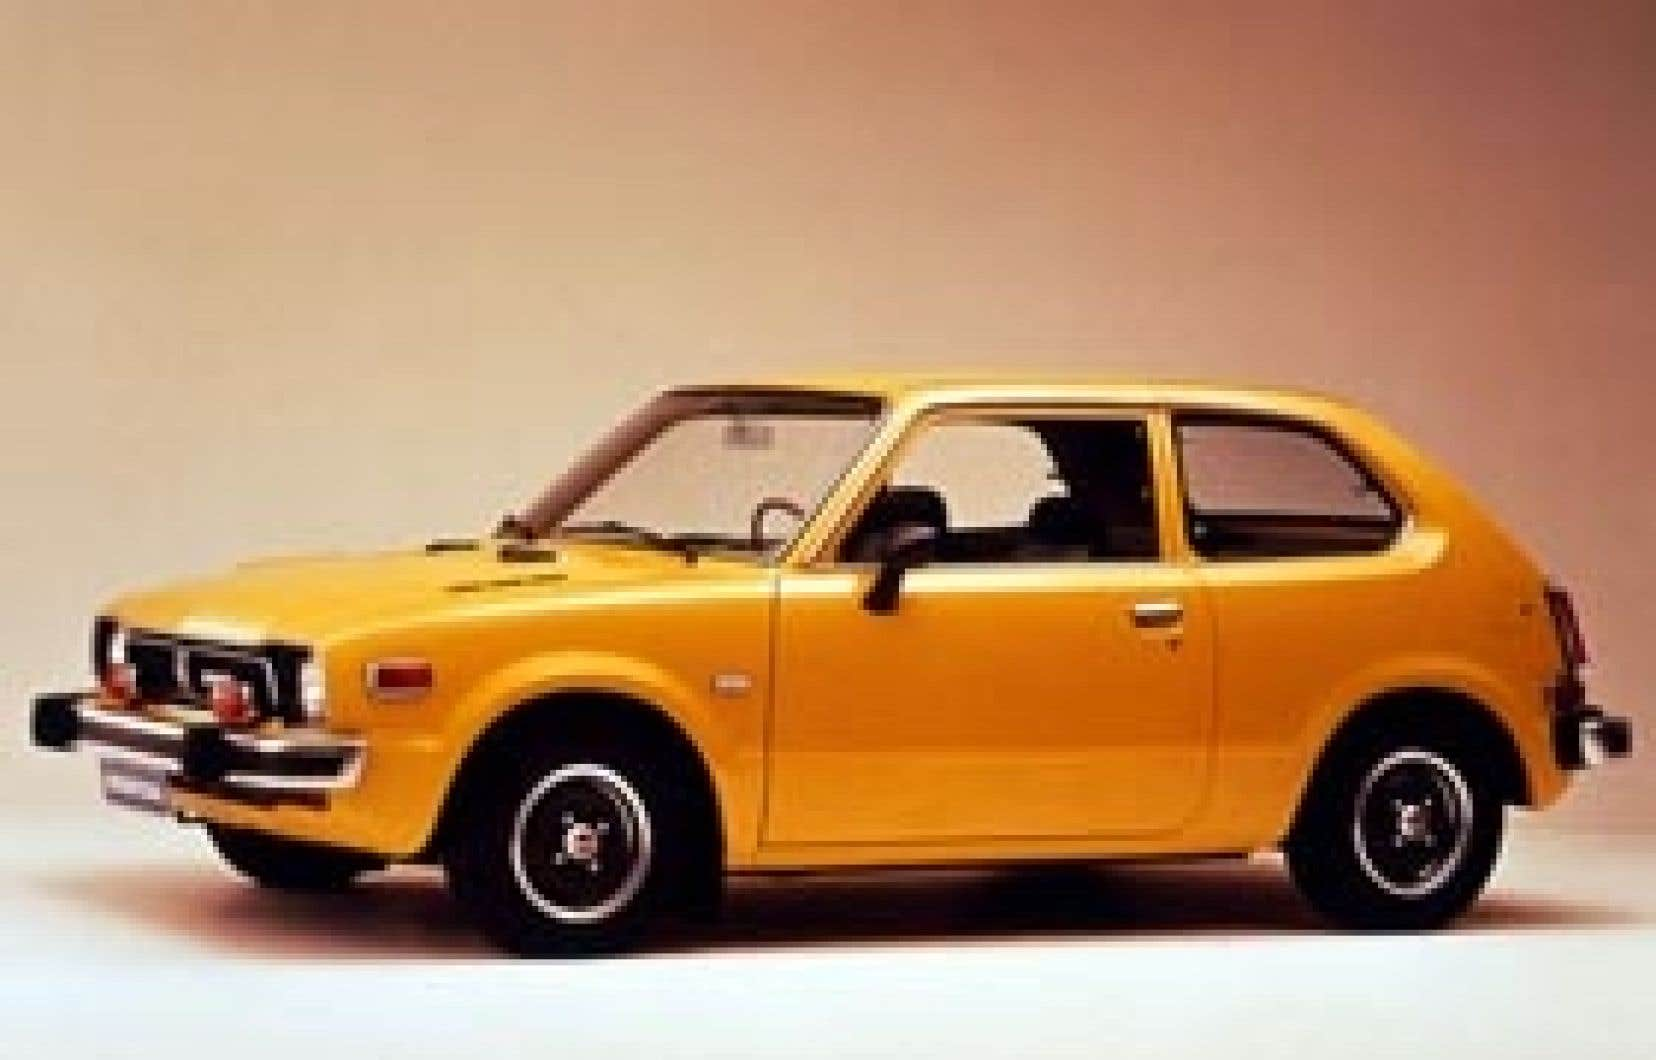 La Honda Civic édition 1975. Le constructeur japonais est désormais en passe de prendre la quatrième place du marché américain à Chrysler, tout comme Toyota a chipé la deuxième place à Ford derrière le géant General Motors.